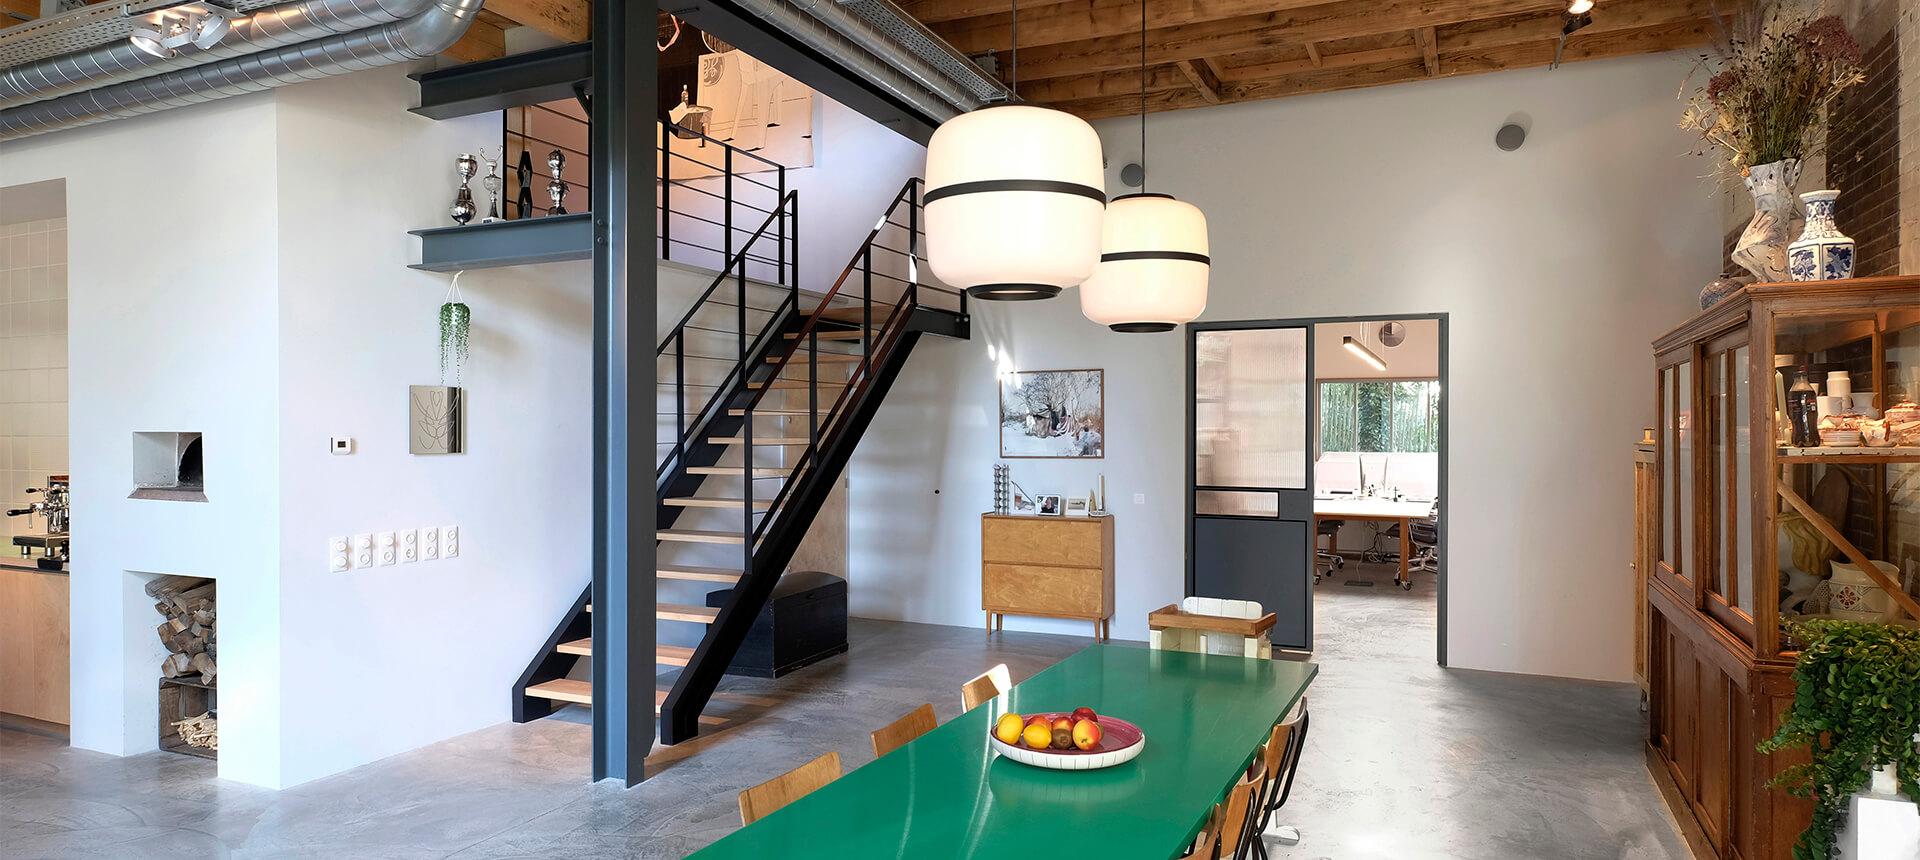 Aardappelschuur houben van mierlo architecten for Houben interieur